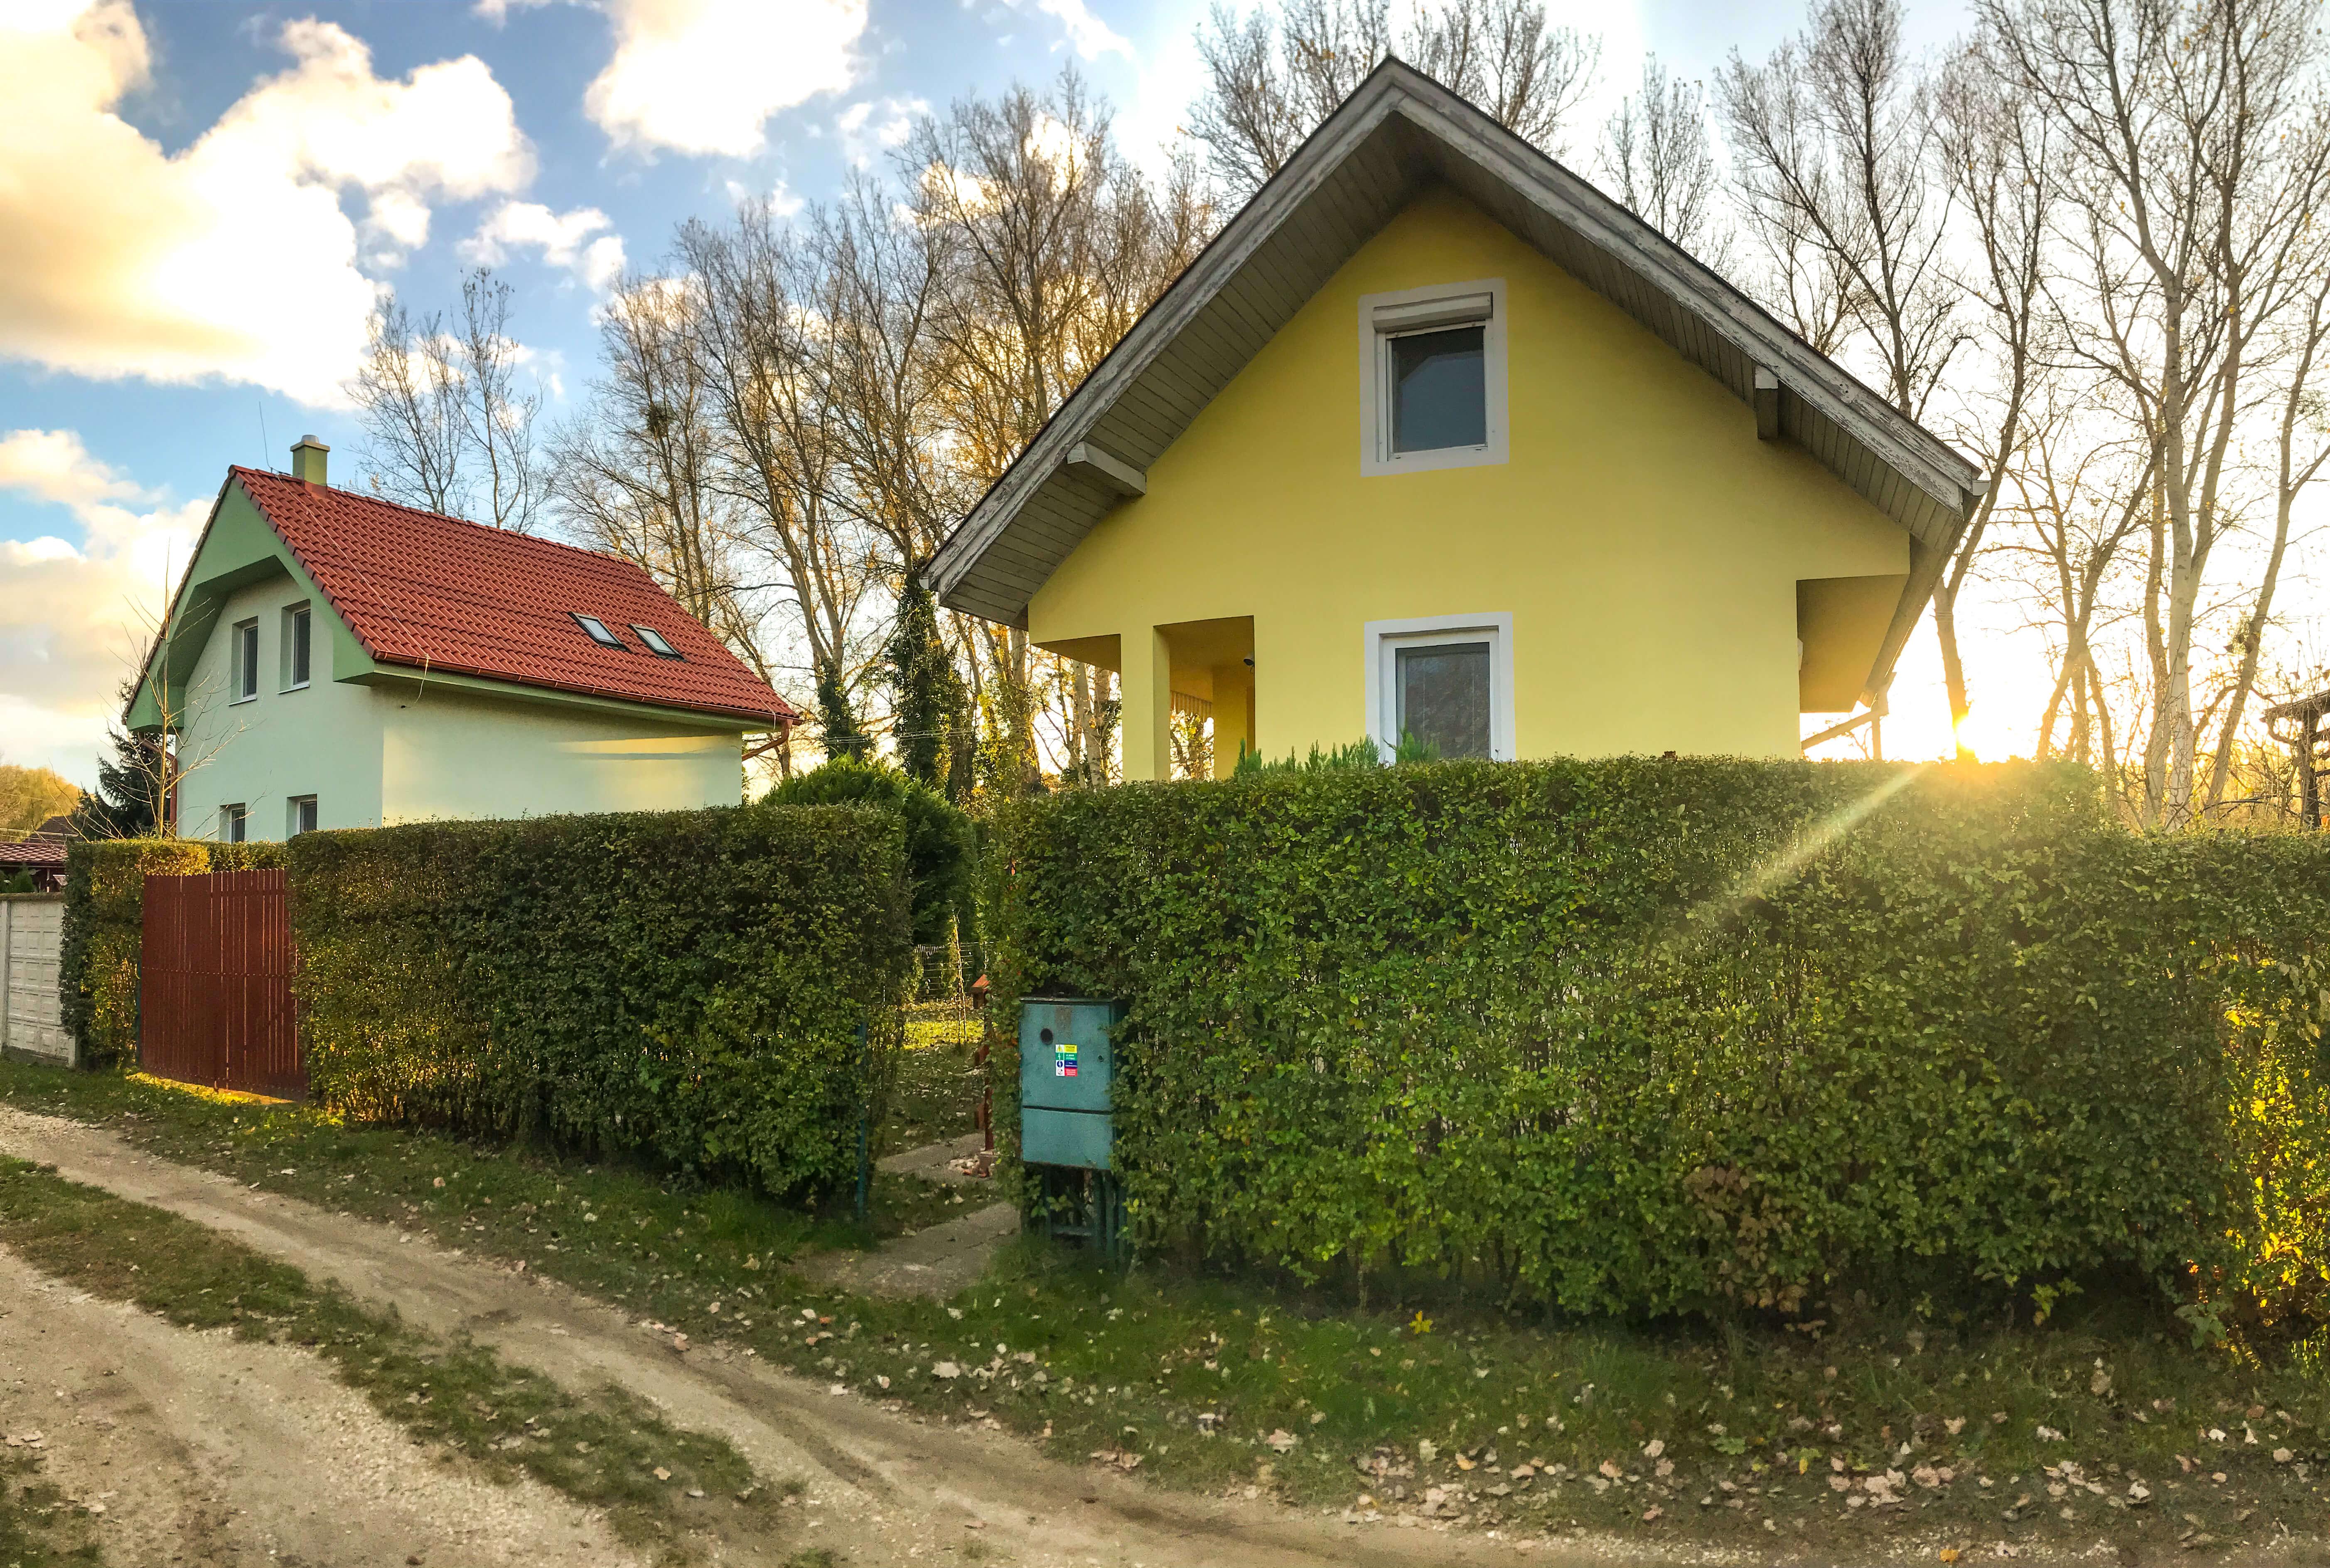 Predané: Exkluzívne 3 izbová chata o výmere 70m2 s 300m2 pozemkom, 2 podložná, v Gabčíkove pri hrádzi, kompe-30